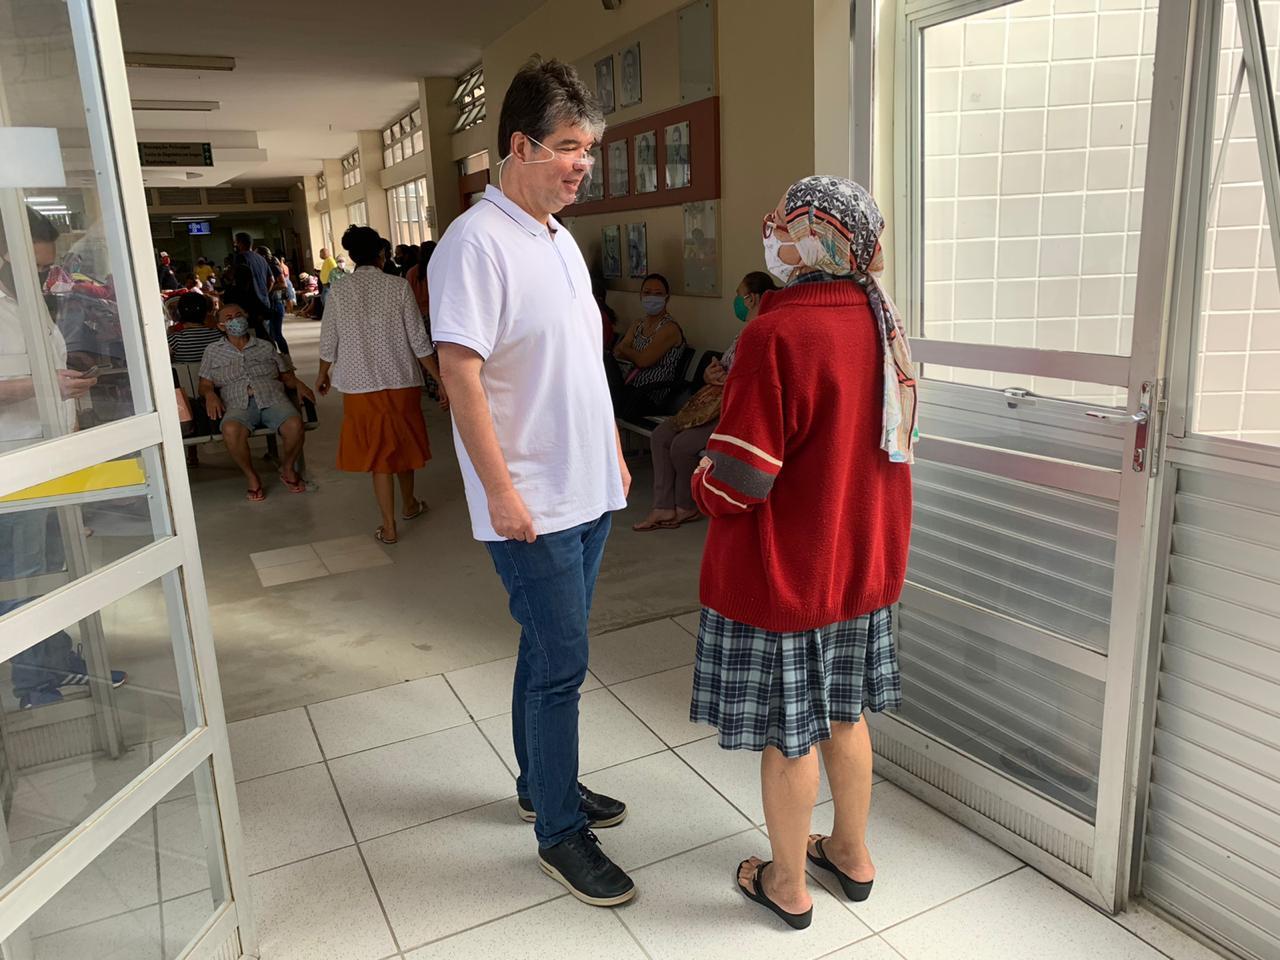 WhatsApp Image 2020 07 29 at 15.12.04 - Ruy faz visita técnica a nova ala de quimioterapia que ajudou a construir no Napoleão Laureano